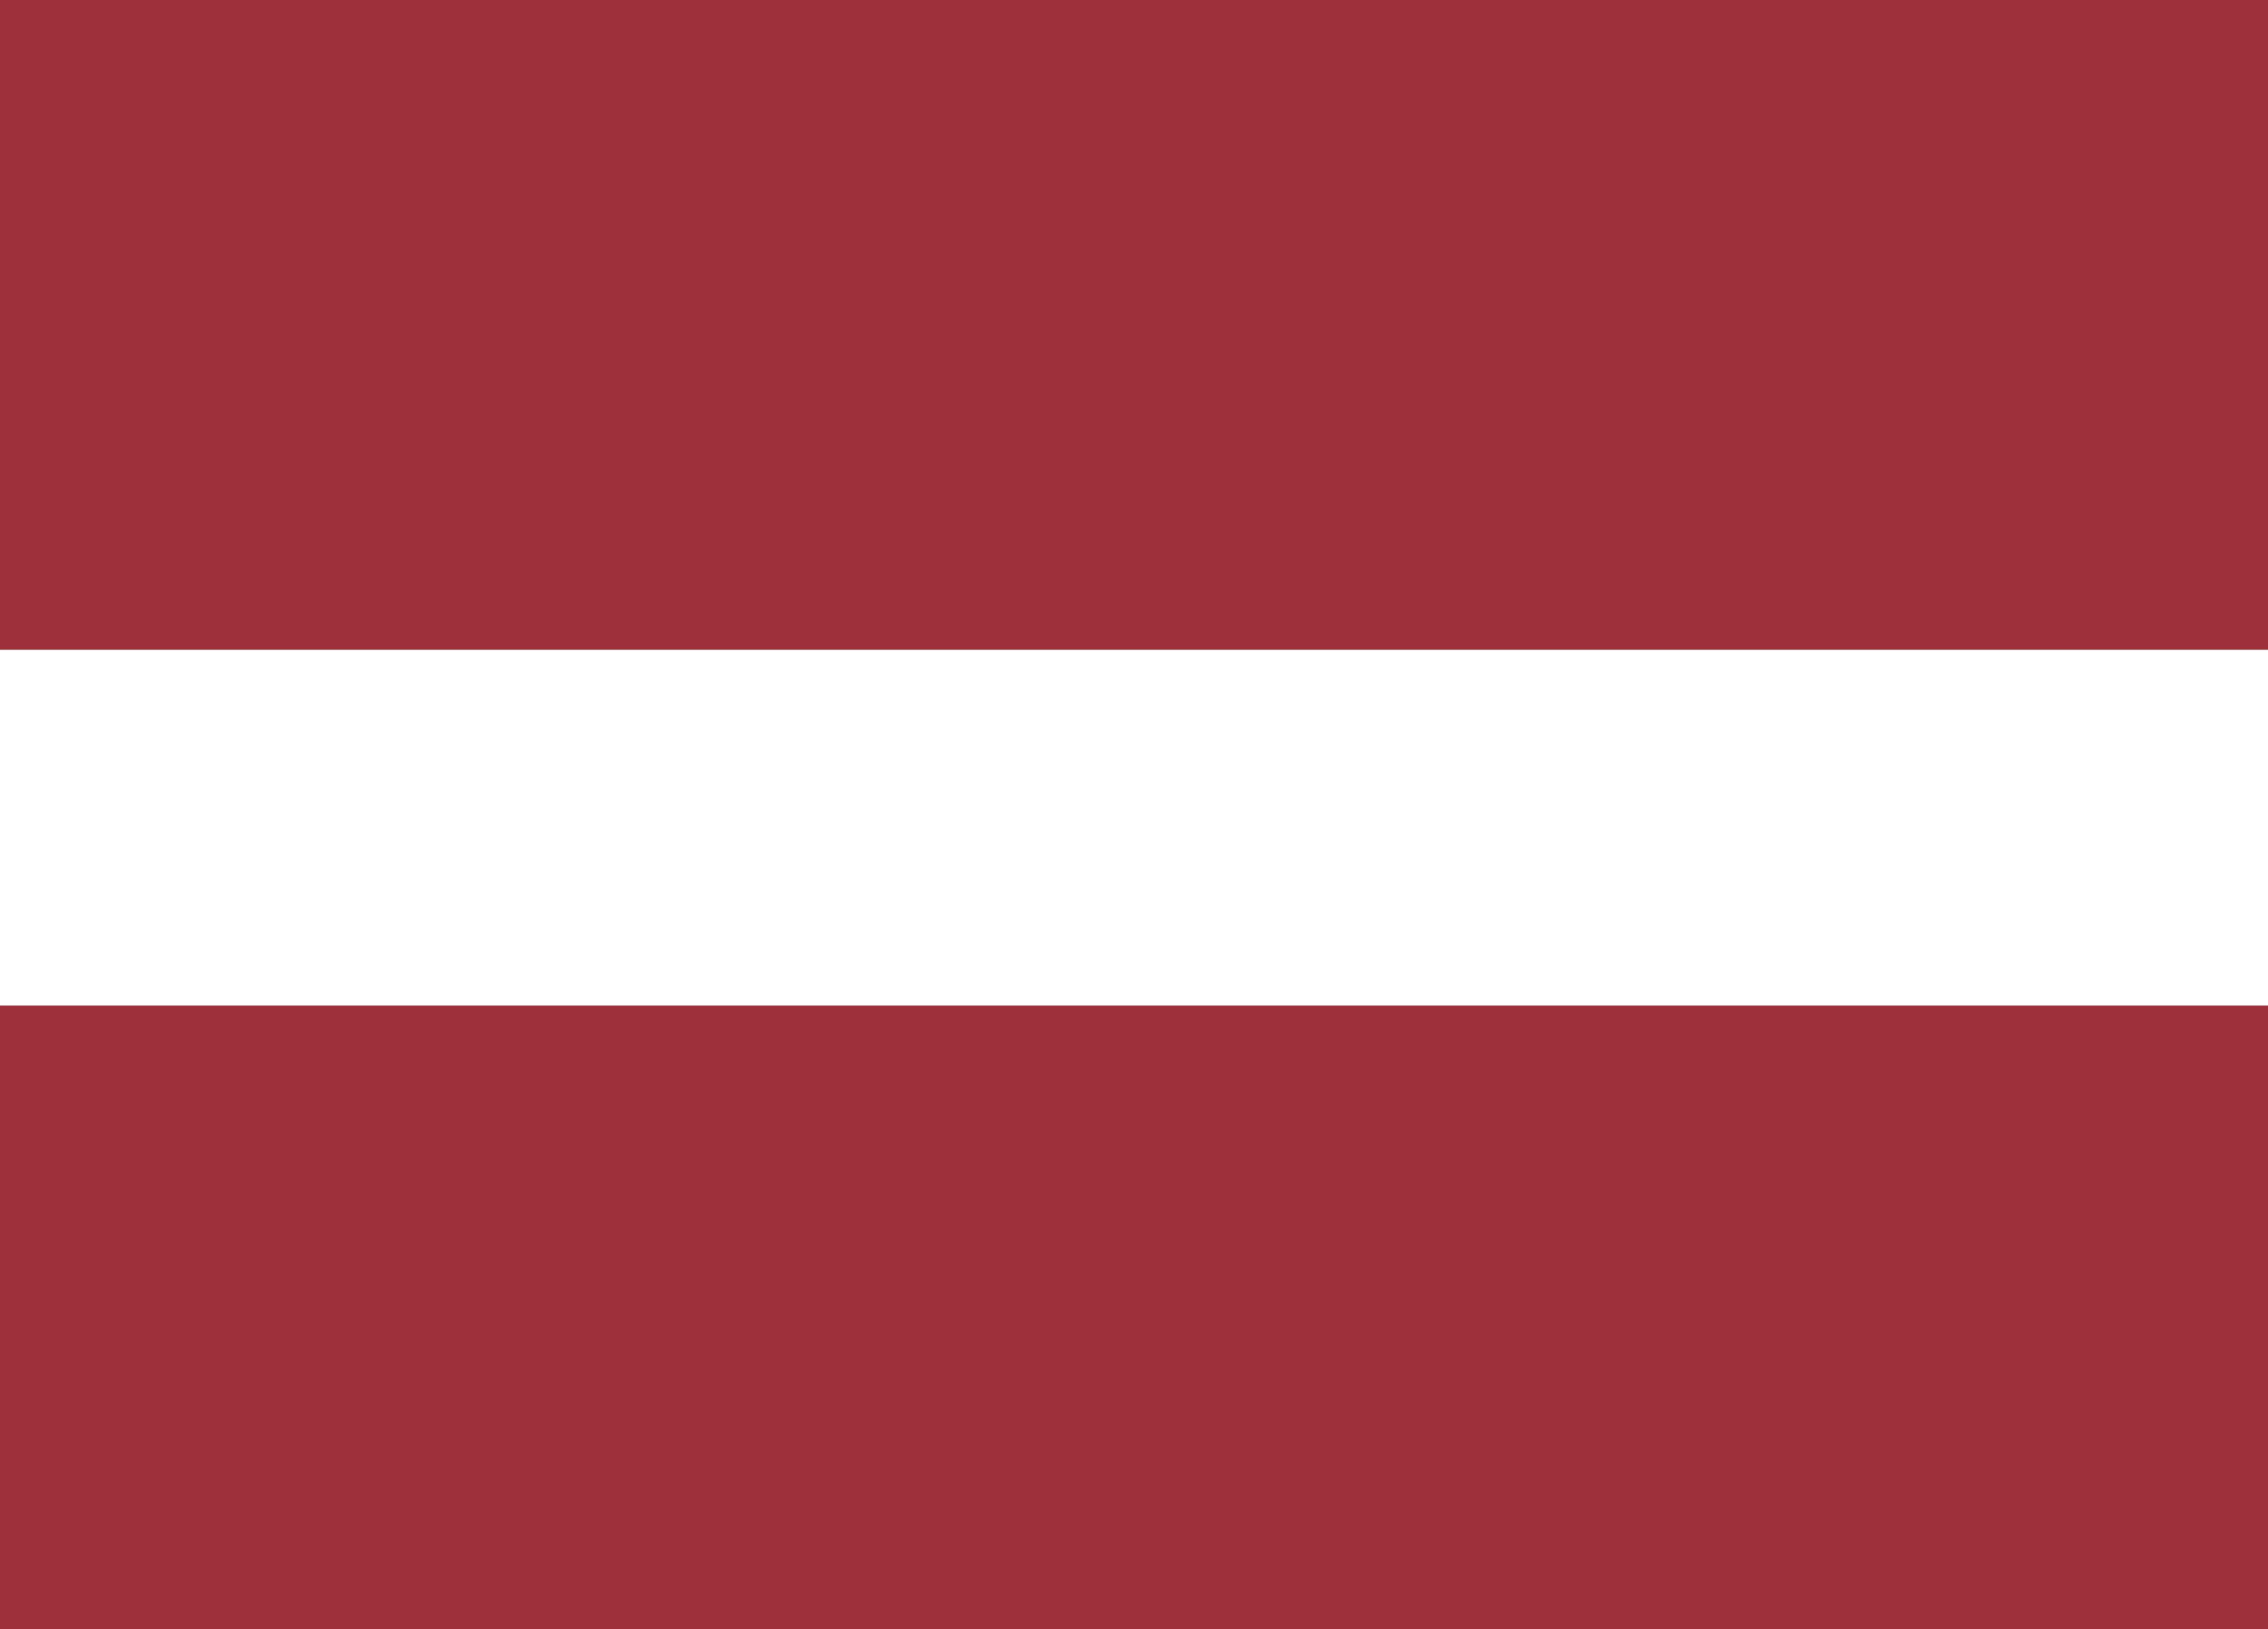 דגל לטביה